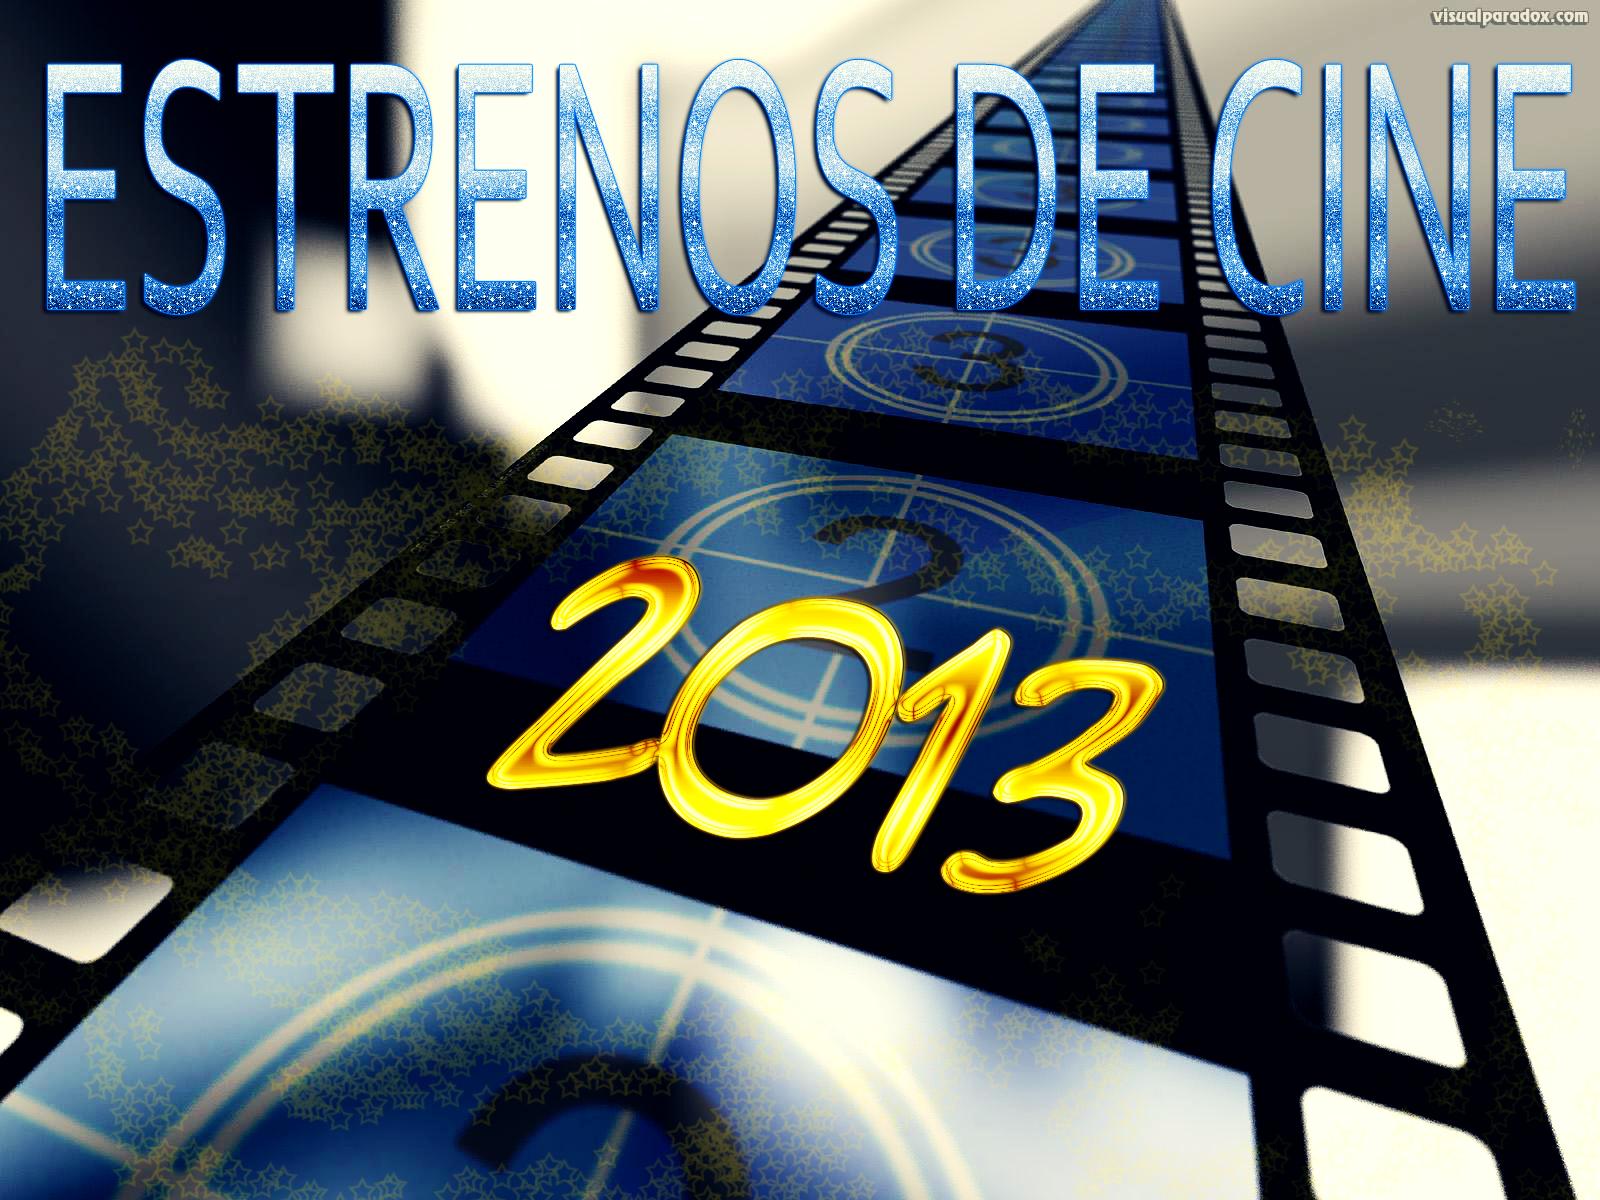 Cine y acci n estrenos y taquilla de la semana 30 for M estrenos